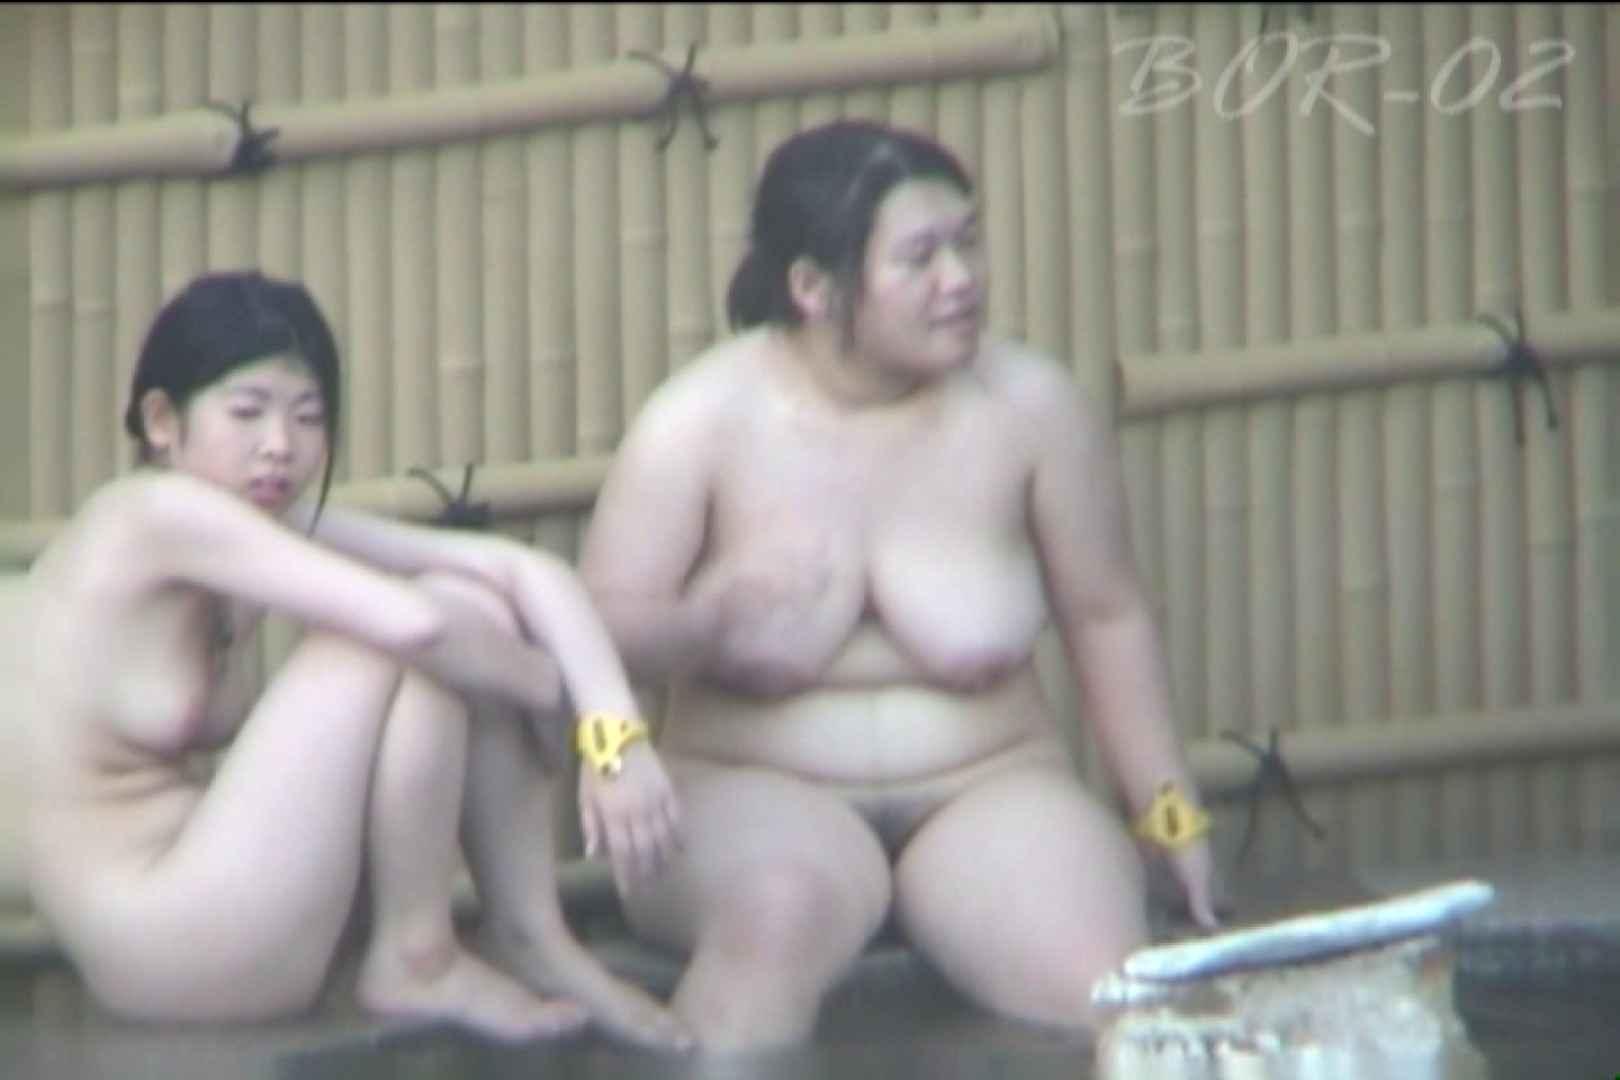 Aquaな露天風呂Vol.471 美しいOLの裸体 のぞき動画画像 70pic 44